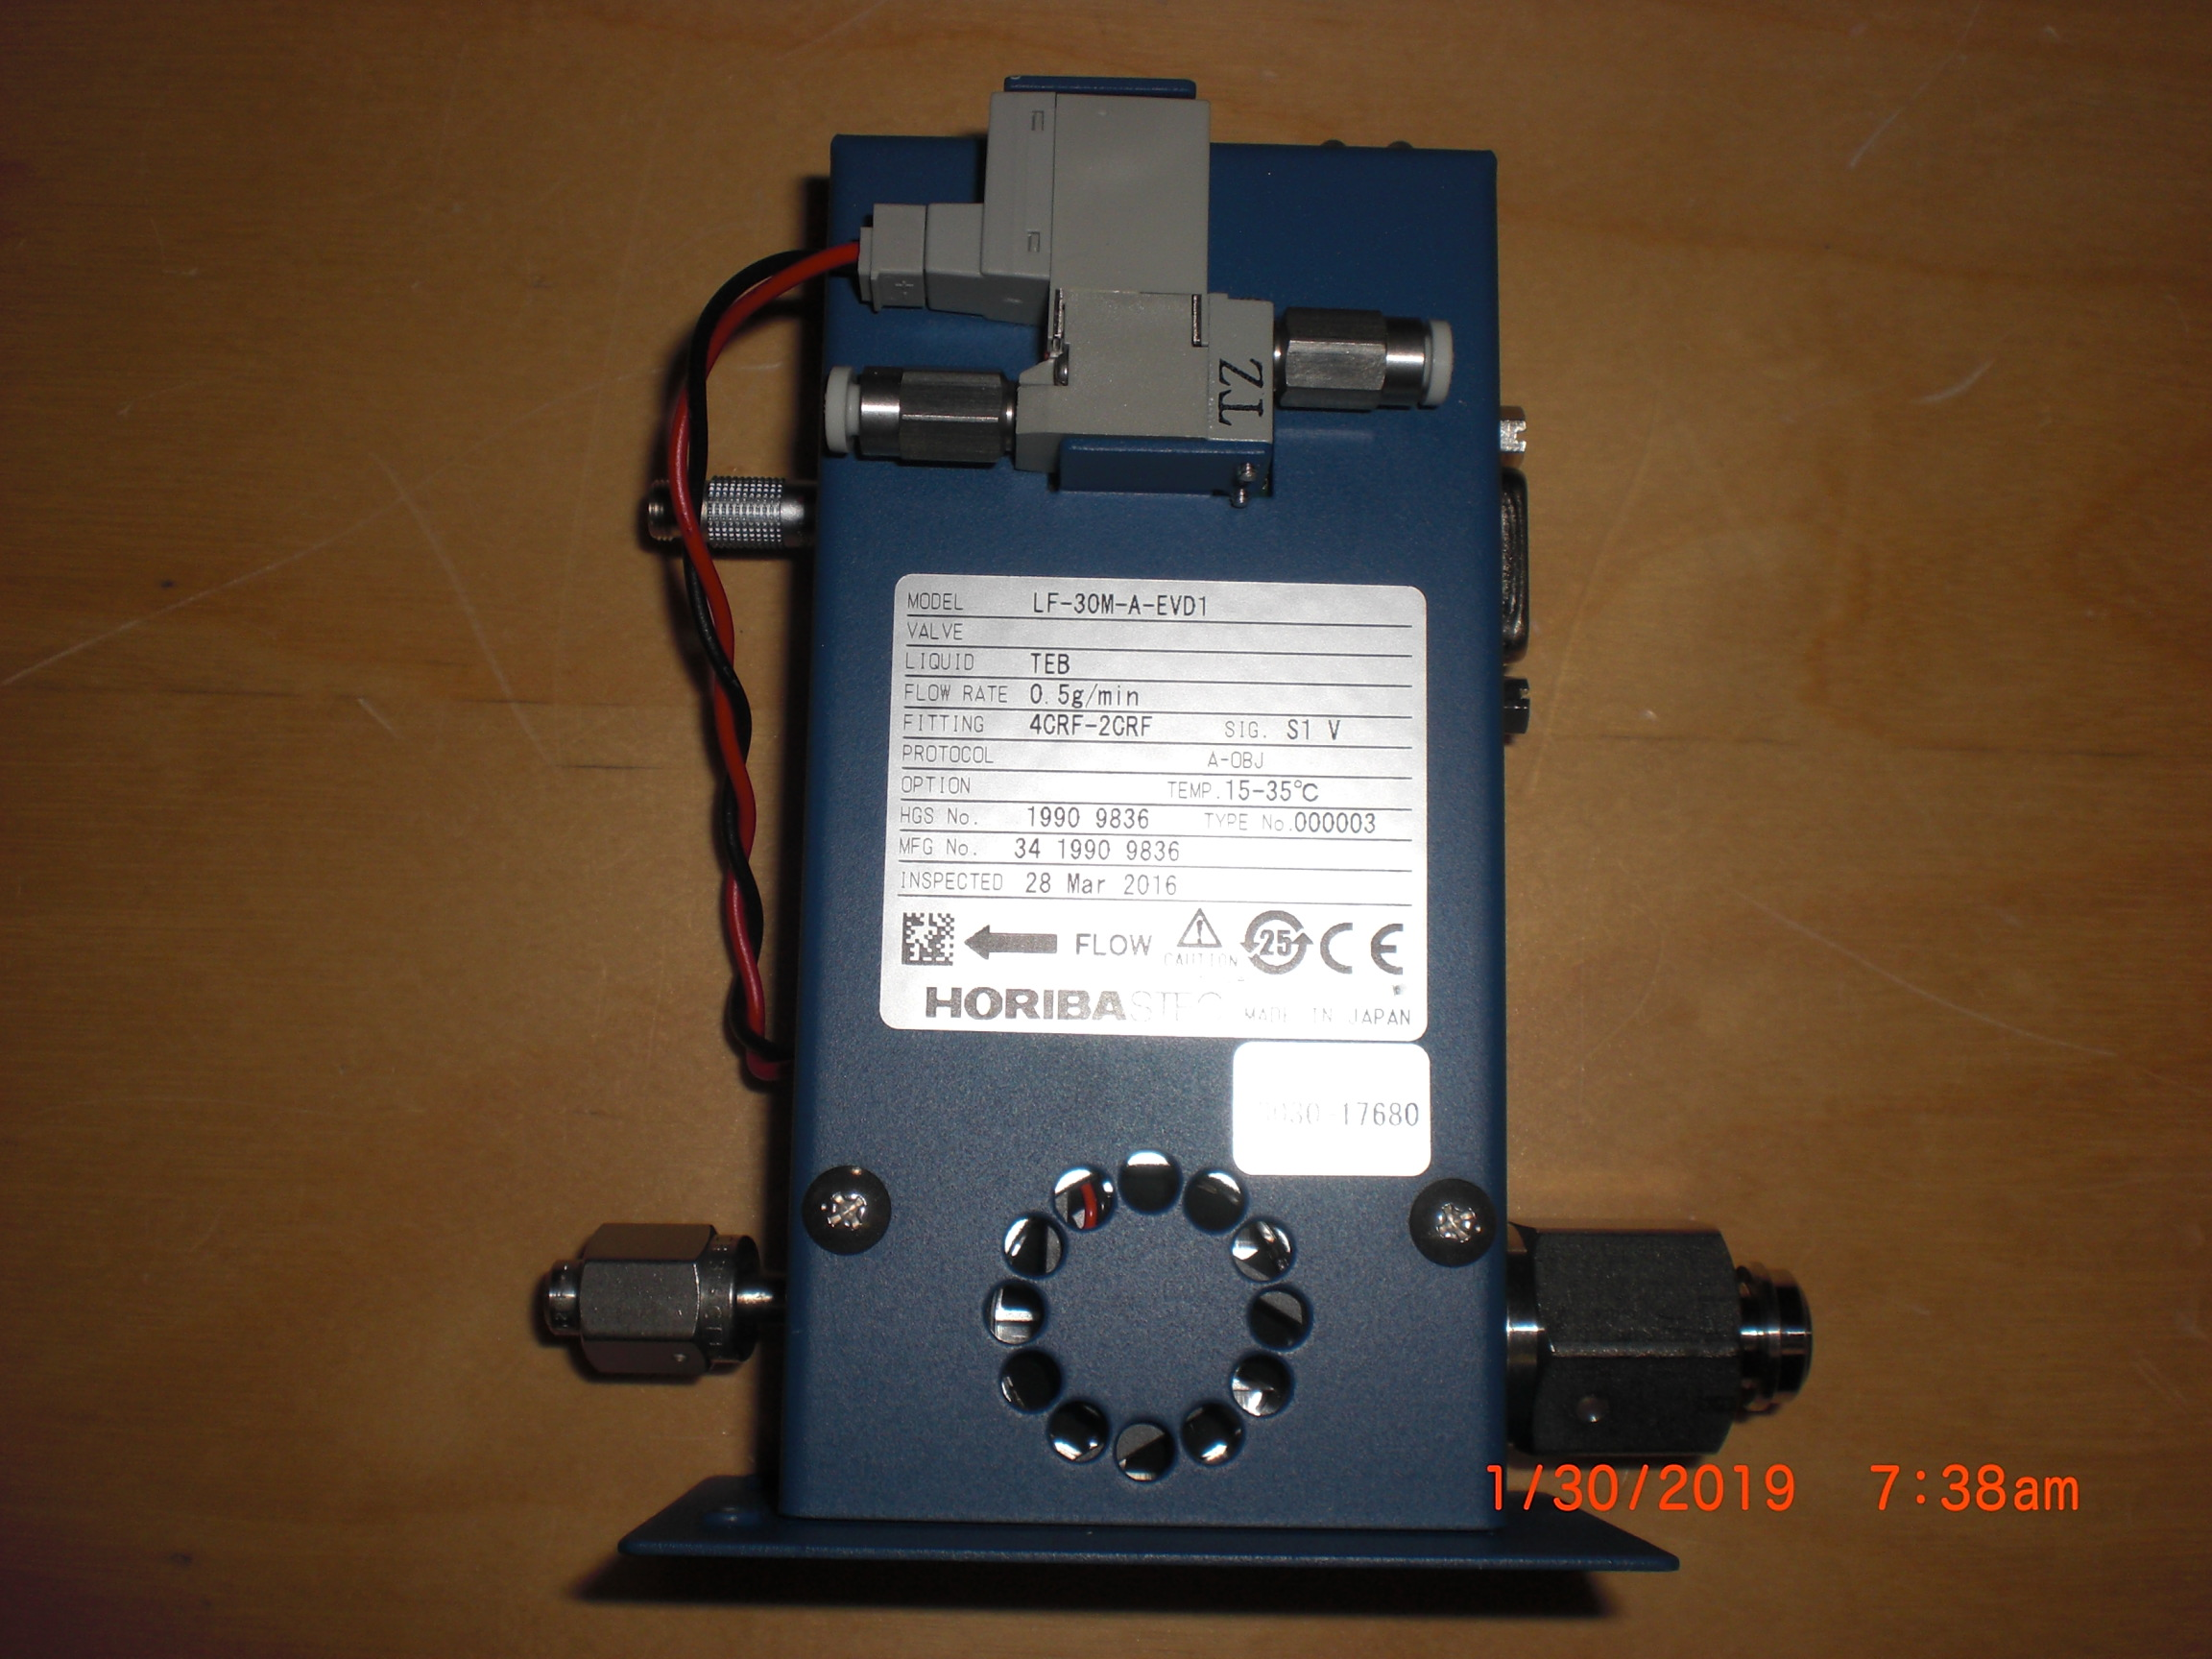 MFC HOREBIA / STEC LF-30M-A-EVD1 Applied Materails (AMAT) 3030-17680 LFC TEB 0.5g/min